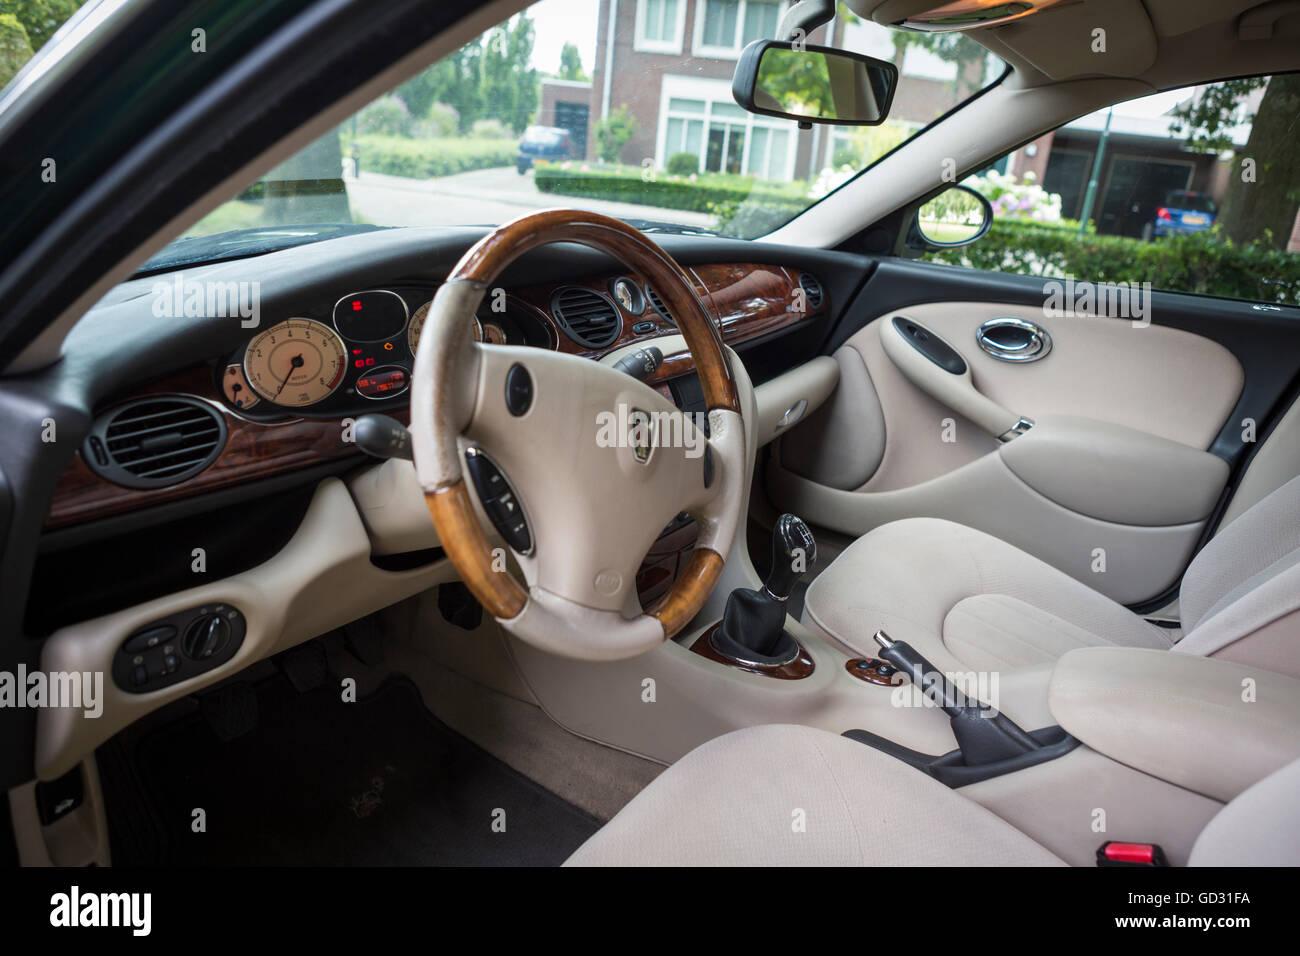 Rover 75-Innenraum mit einer Walnuss-Dashboard-Farbe grün Stockfoto ...